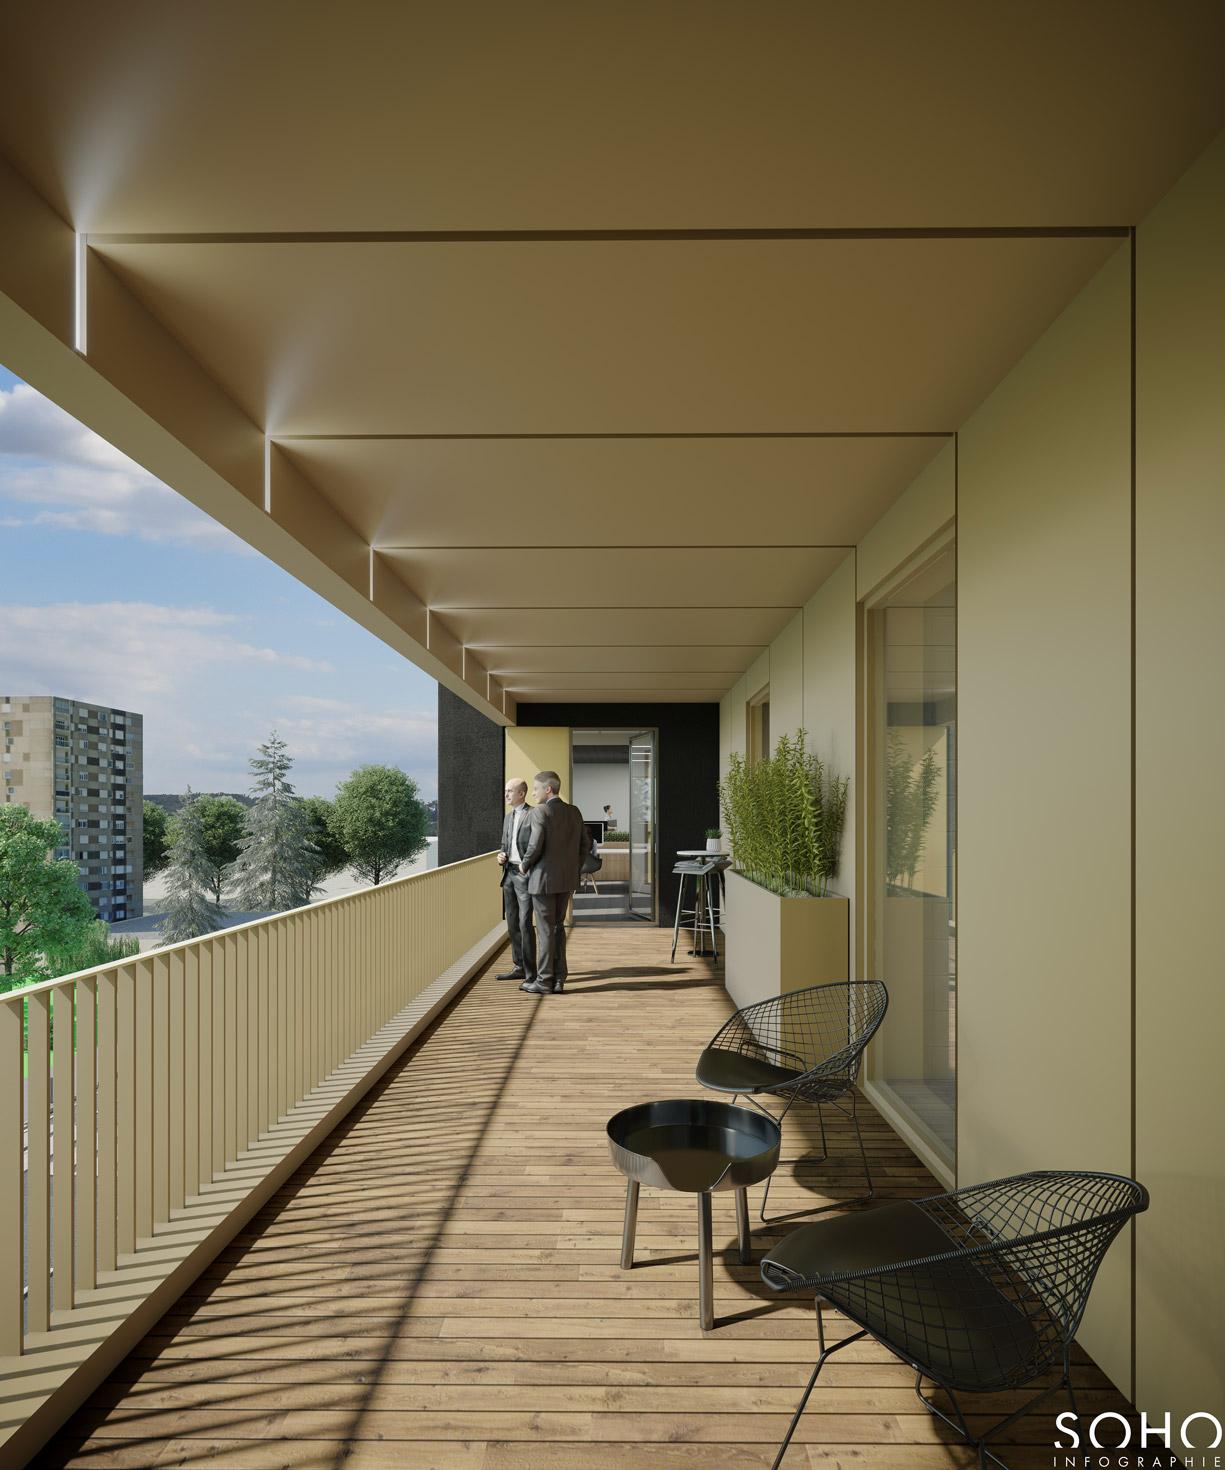 Ensemble immobilier de bureaux et d'activité à Macon, réalisé par le pôle Tertiaire de l'agence d'architecture SOHO ATLAS IN FINE LYON. Perspective, vue depuis un balcon.